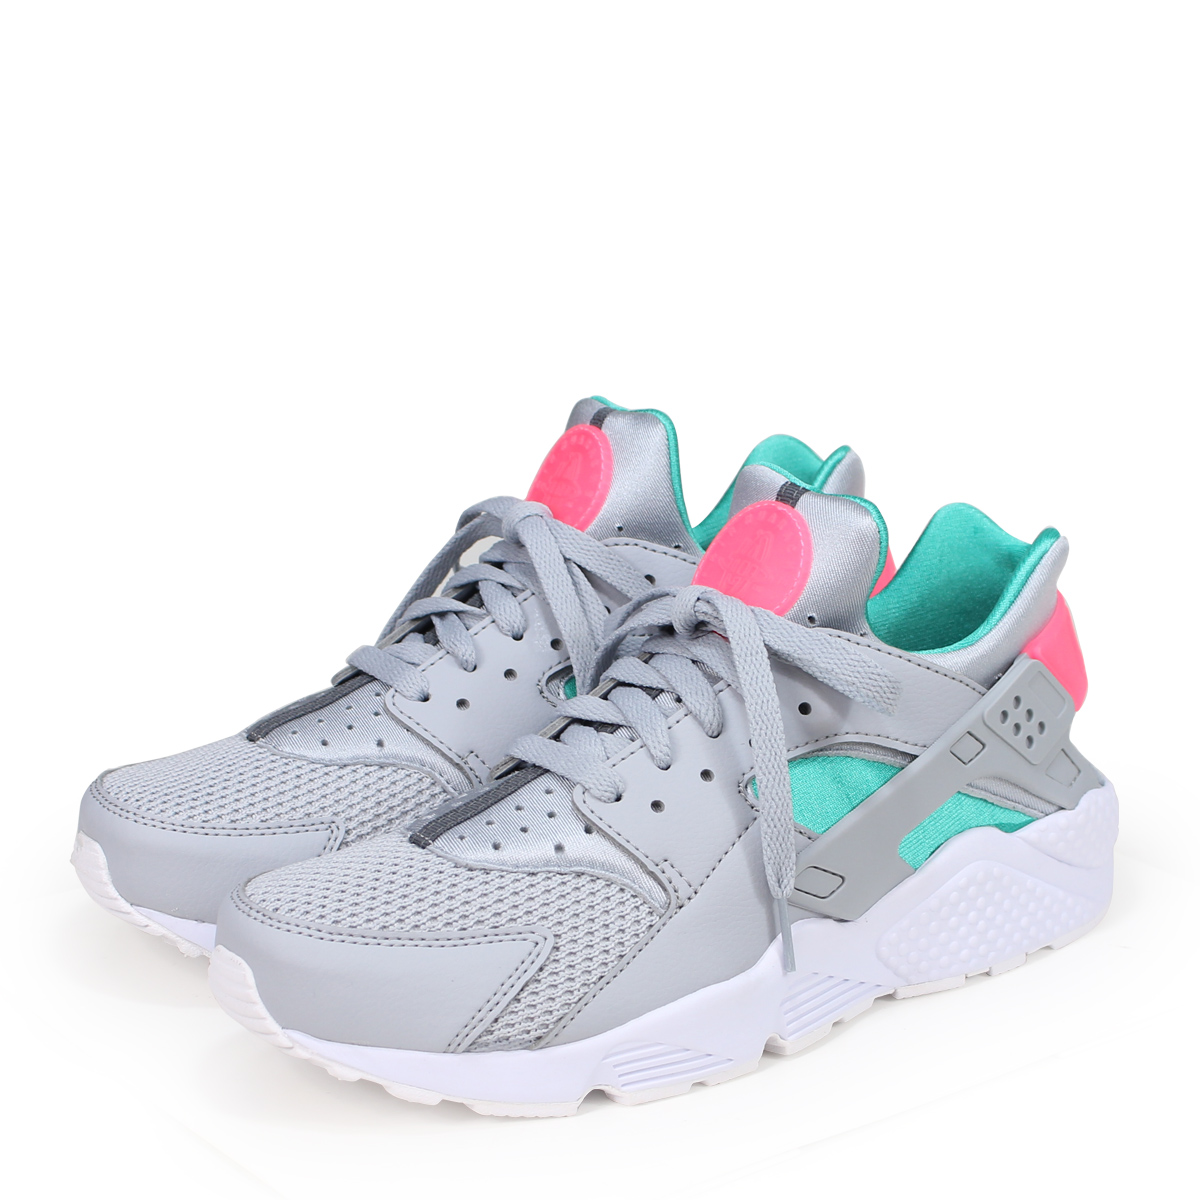 Men's Shoes Careful Blue Nike Air Huraches Size 2 Good Taste